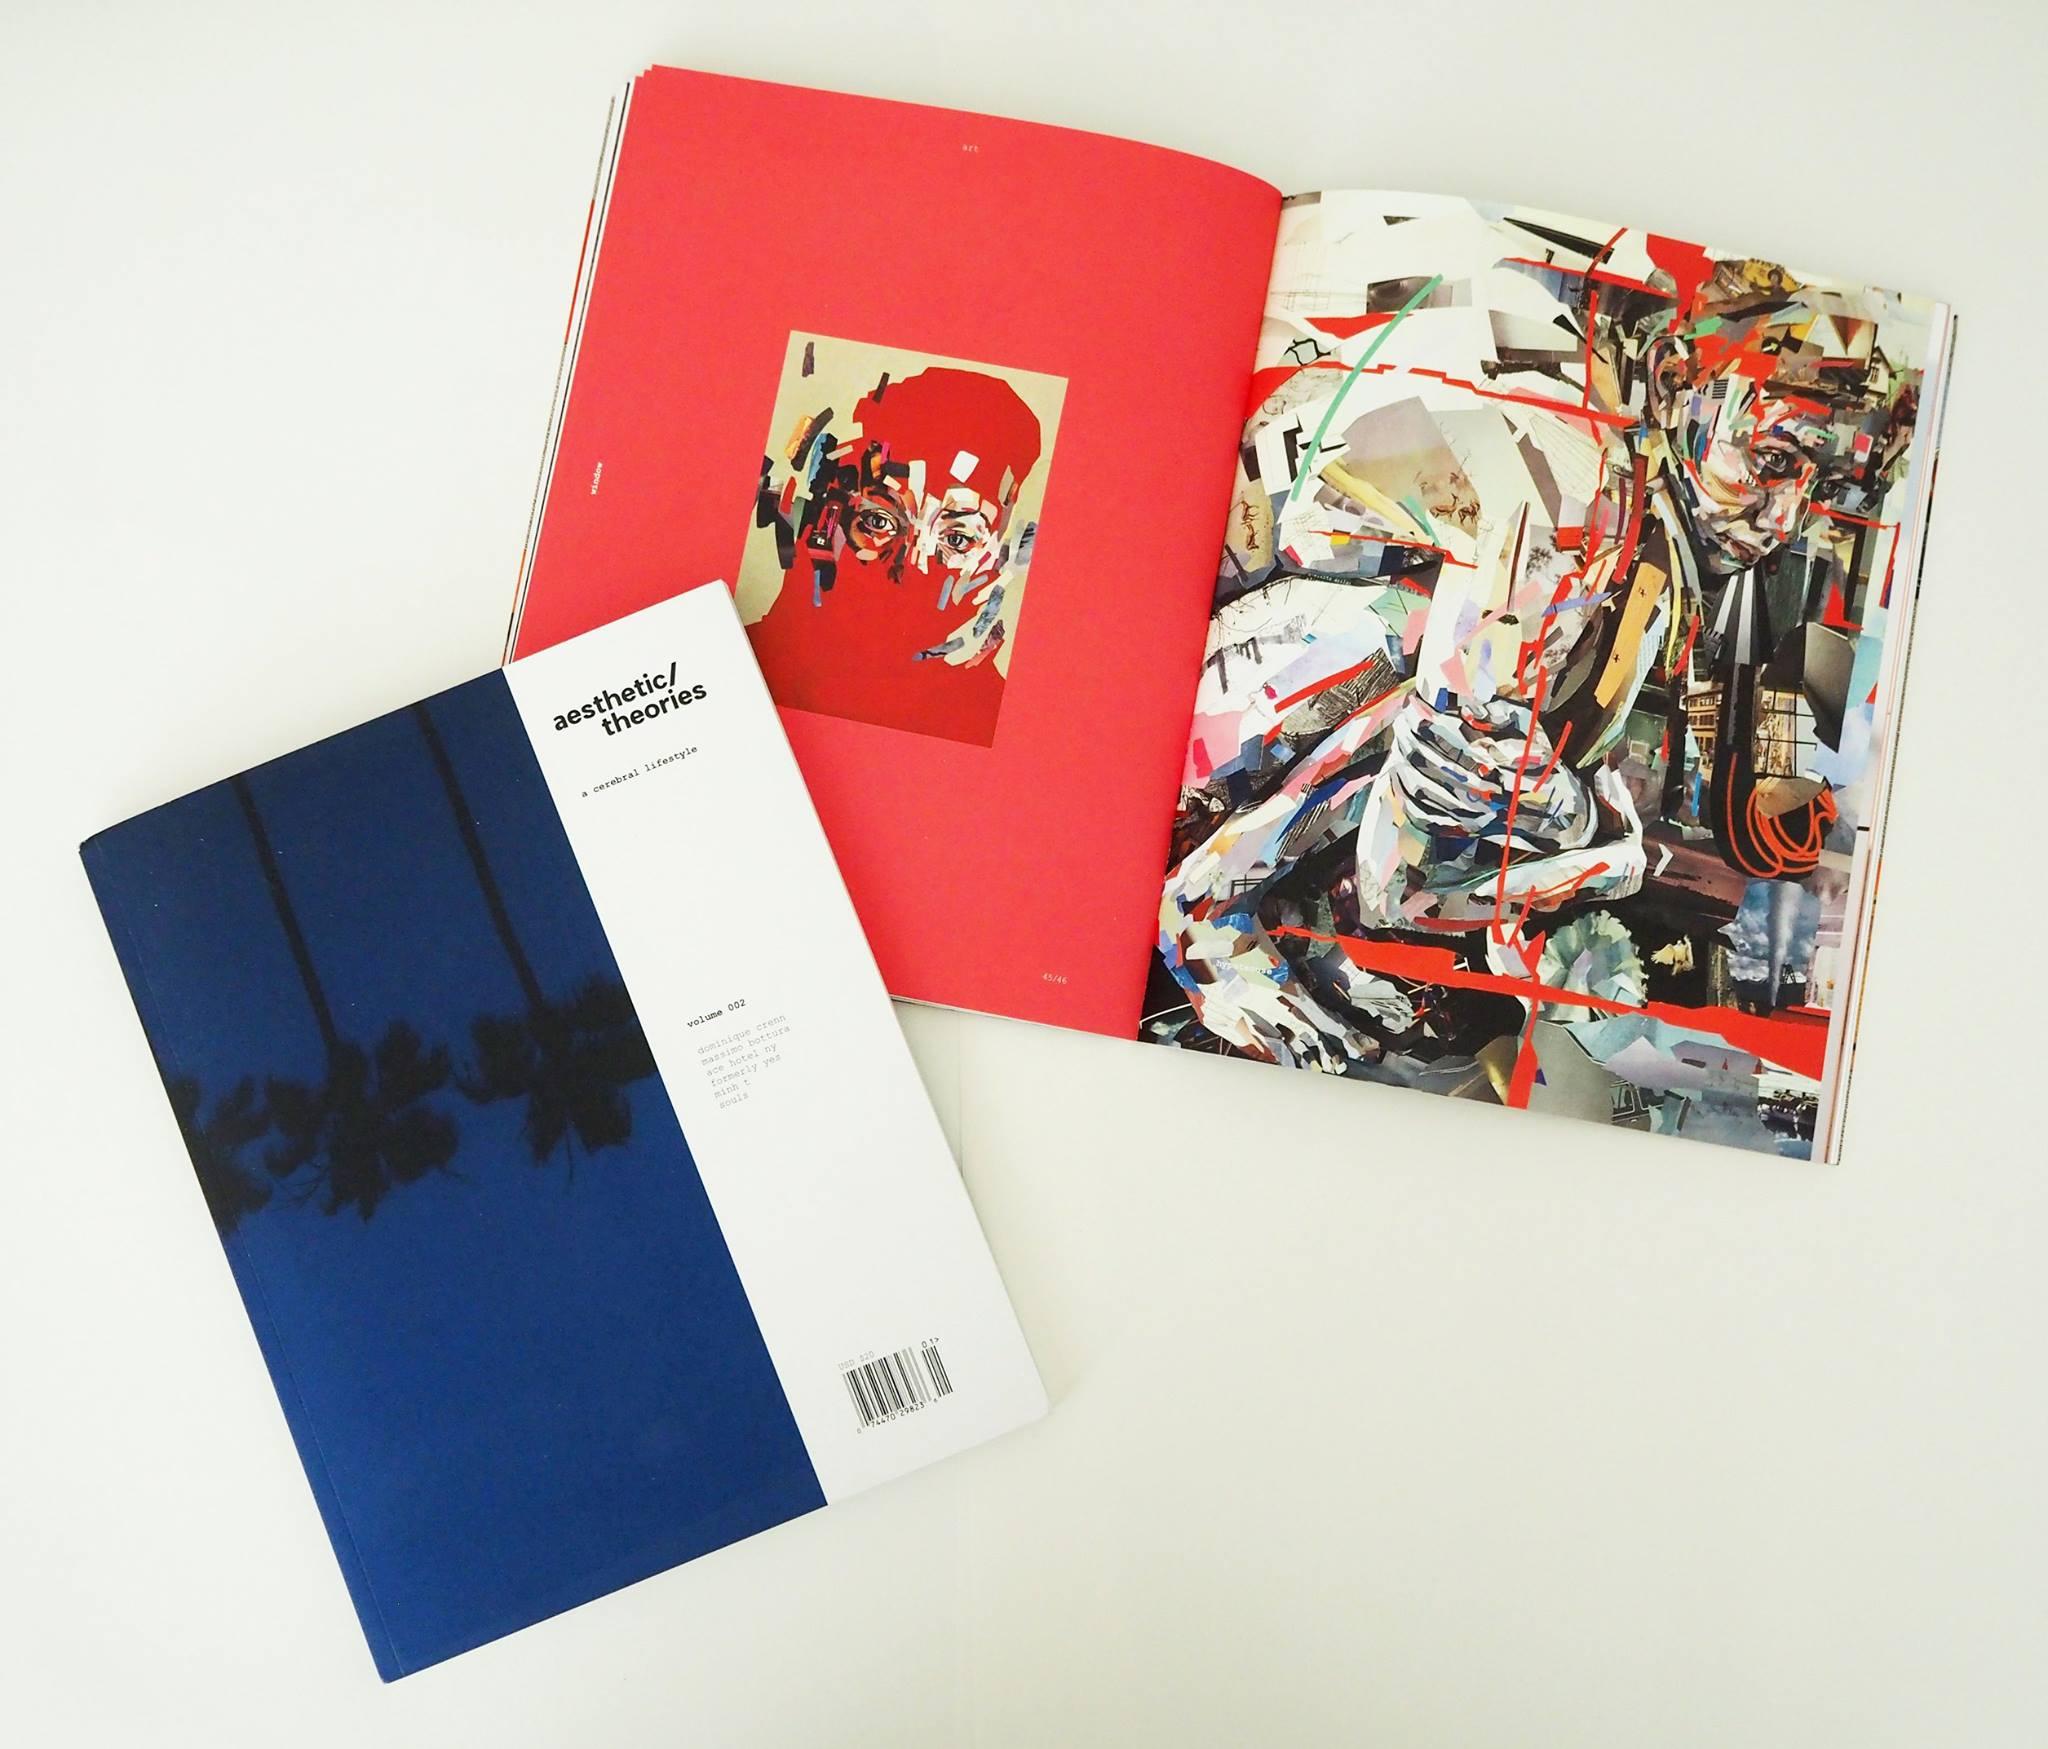 'aesthetic/theories, un magazine sull'arte e il design alla ricerca dell'ispirazione' - edizioni del frisco , italian design blog